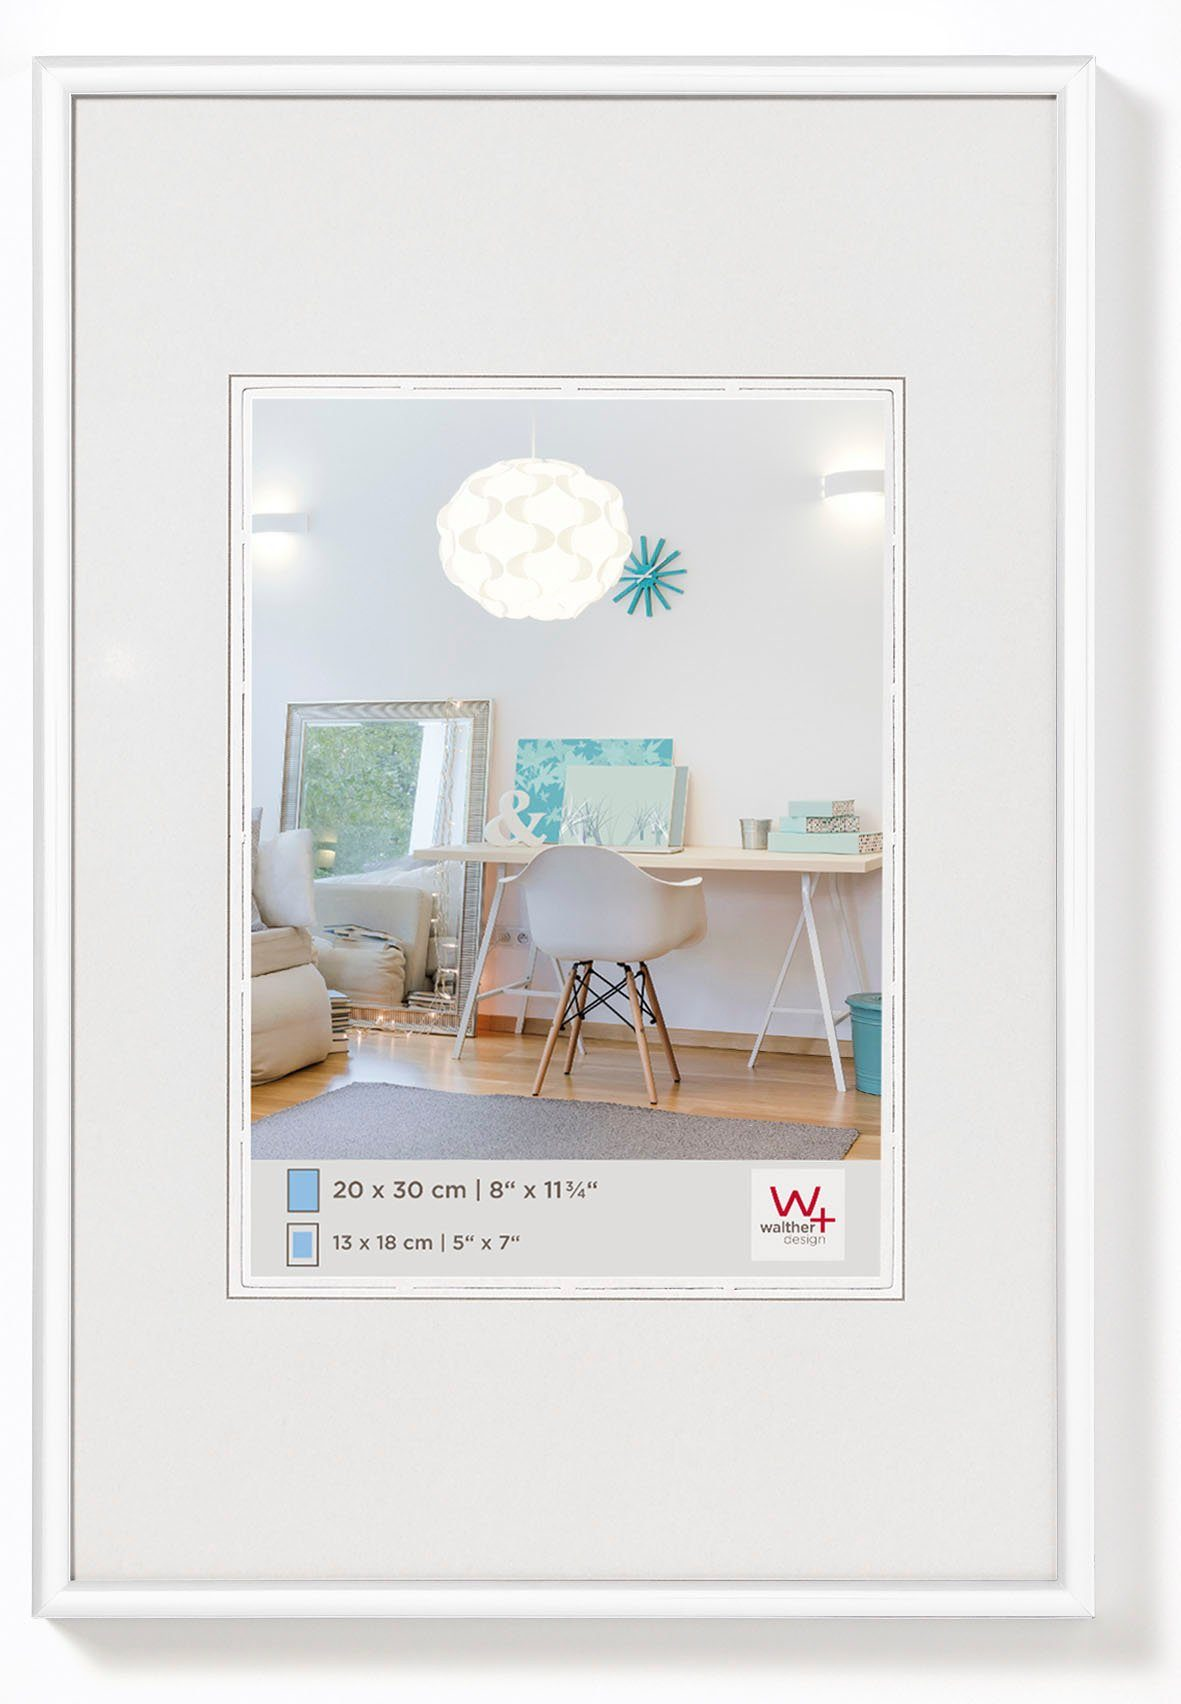 Walther New Lifestyle Fotolijst Fotoformaat 59,4x84 (A1) cm Wit online kopen